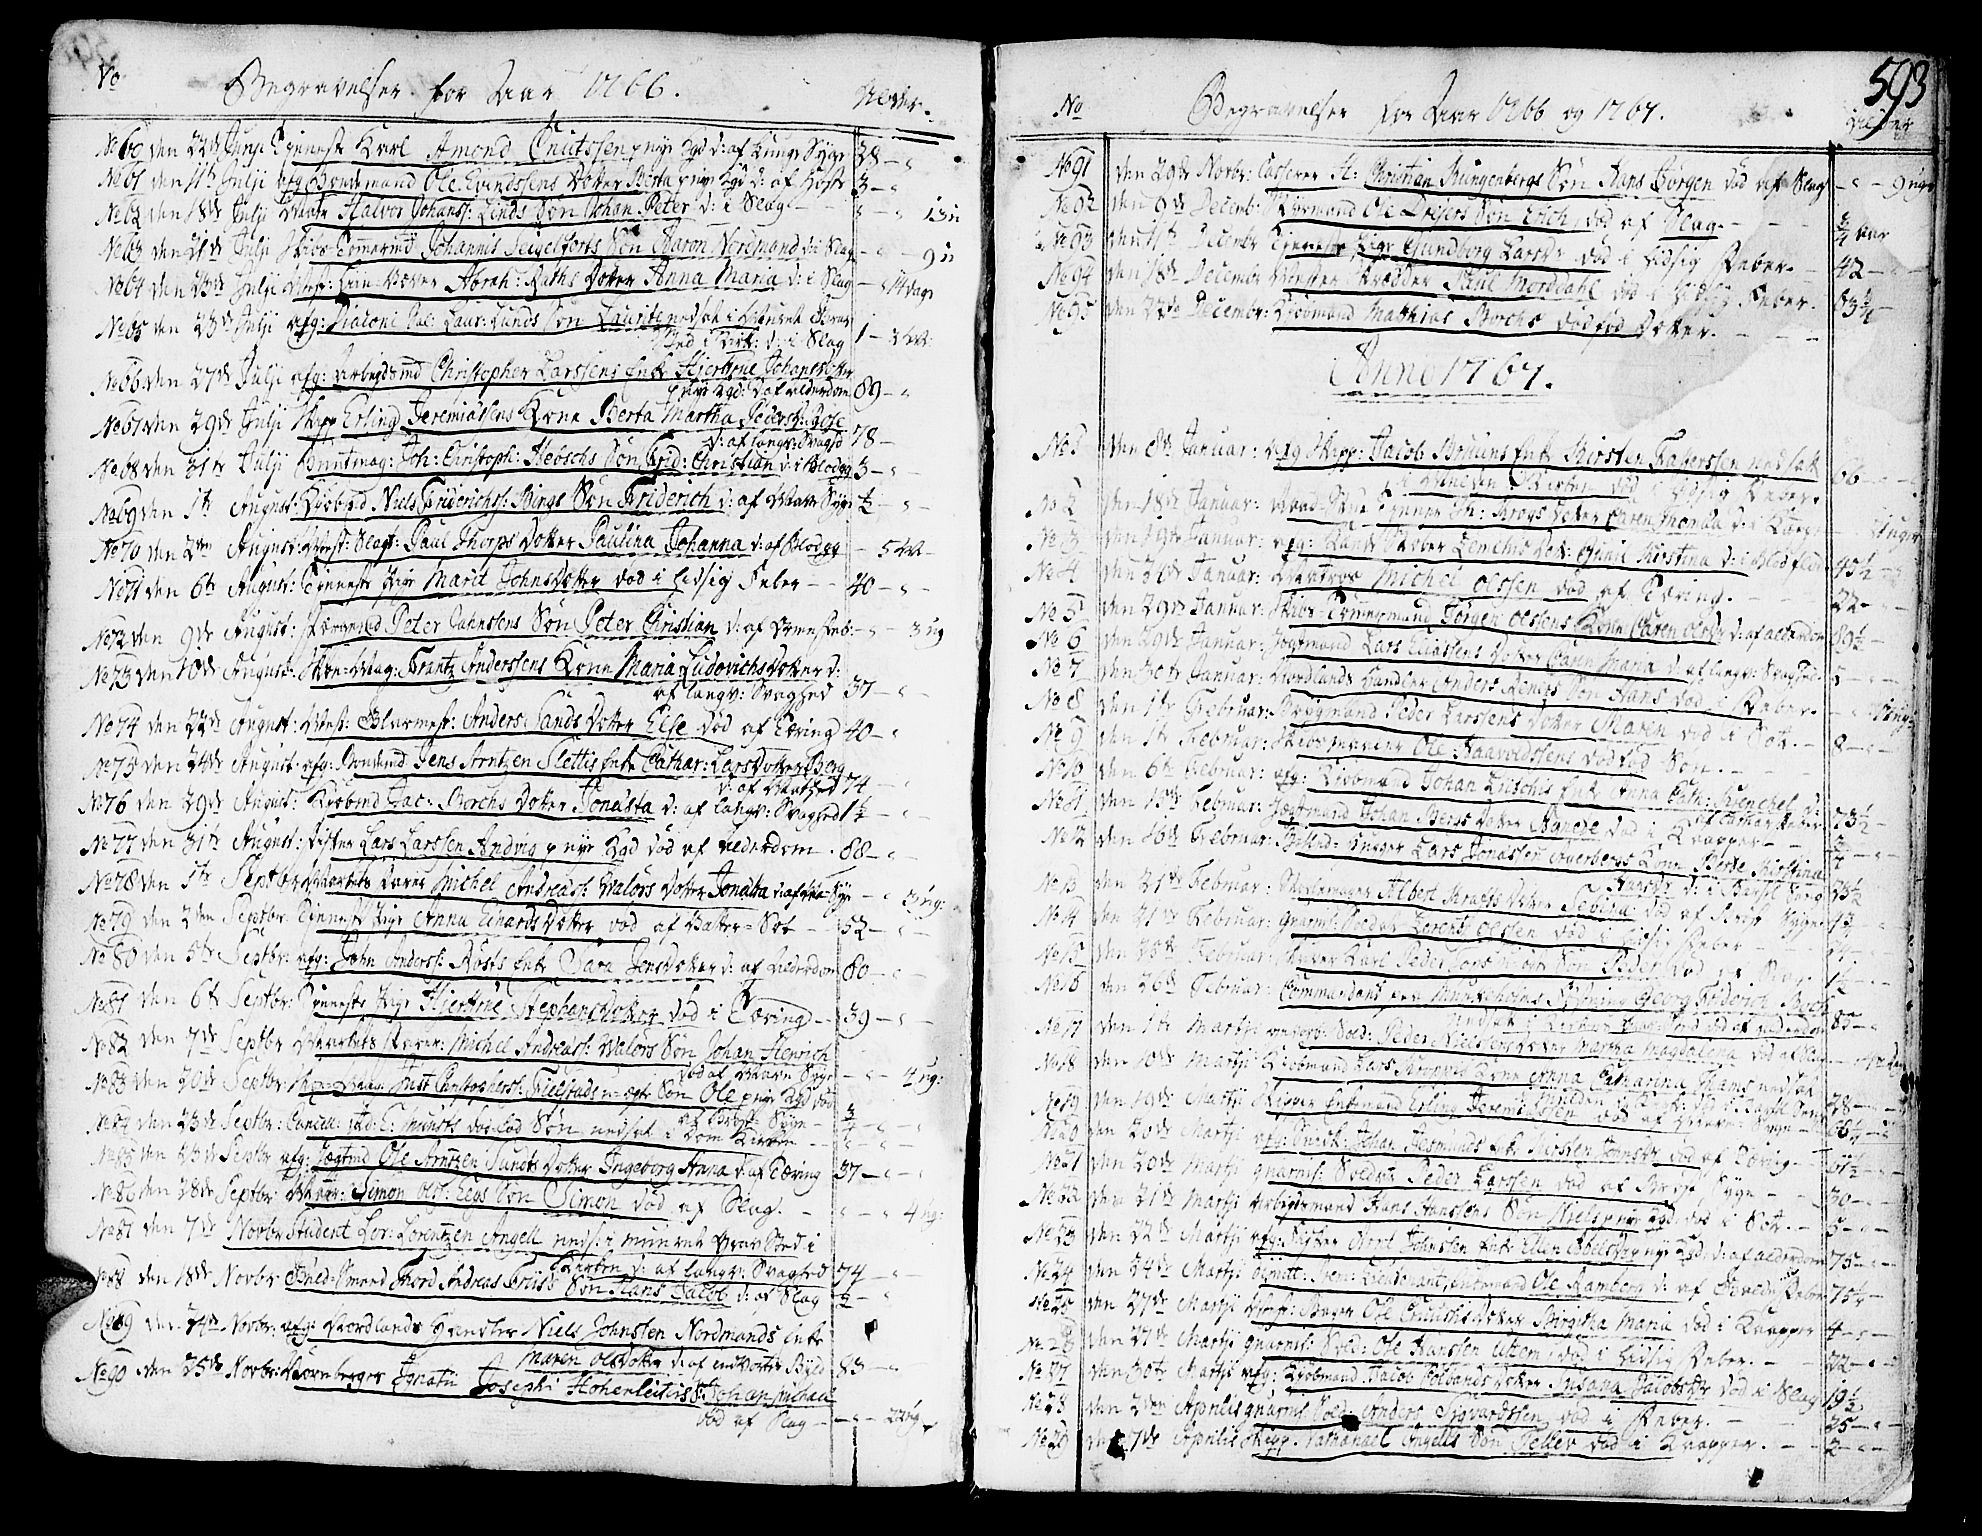 SAT, Ministerialprotokoller, klokkerbøker og fødselsregistre - Sør-Trøndelag, 602/L0103: Ministerialbok nr. 602A01, 1732-1774, s. 593